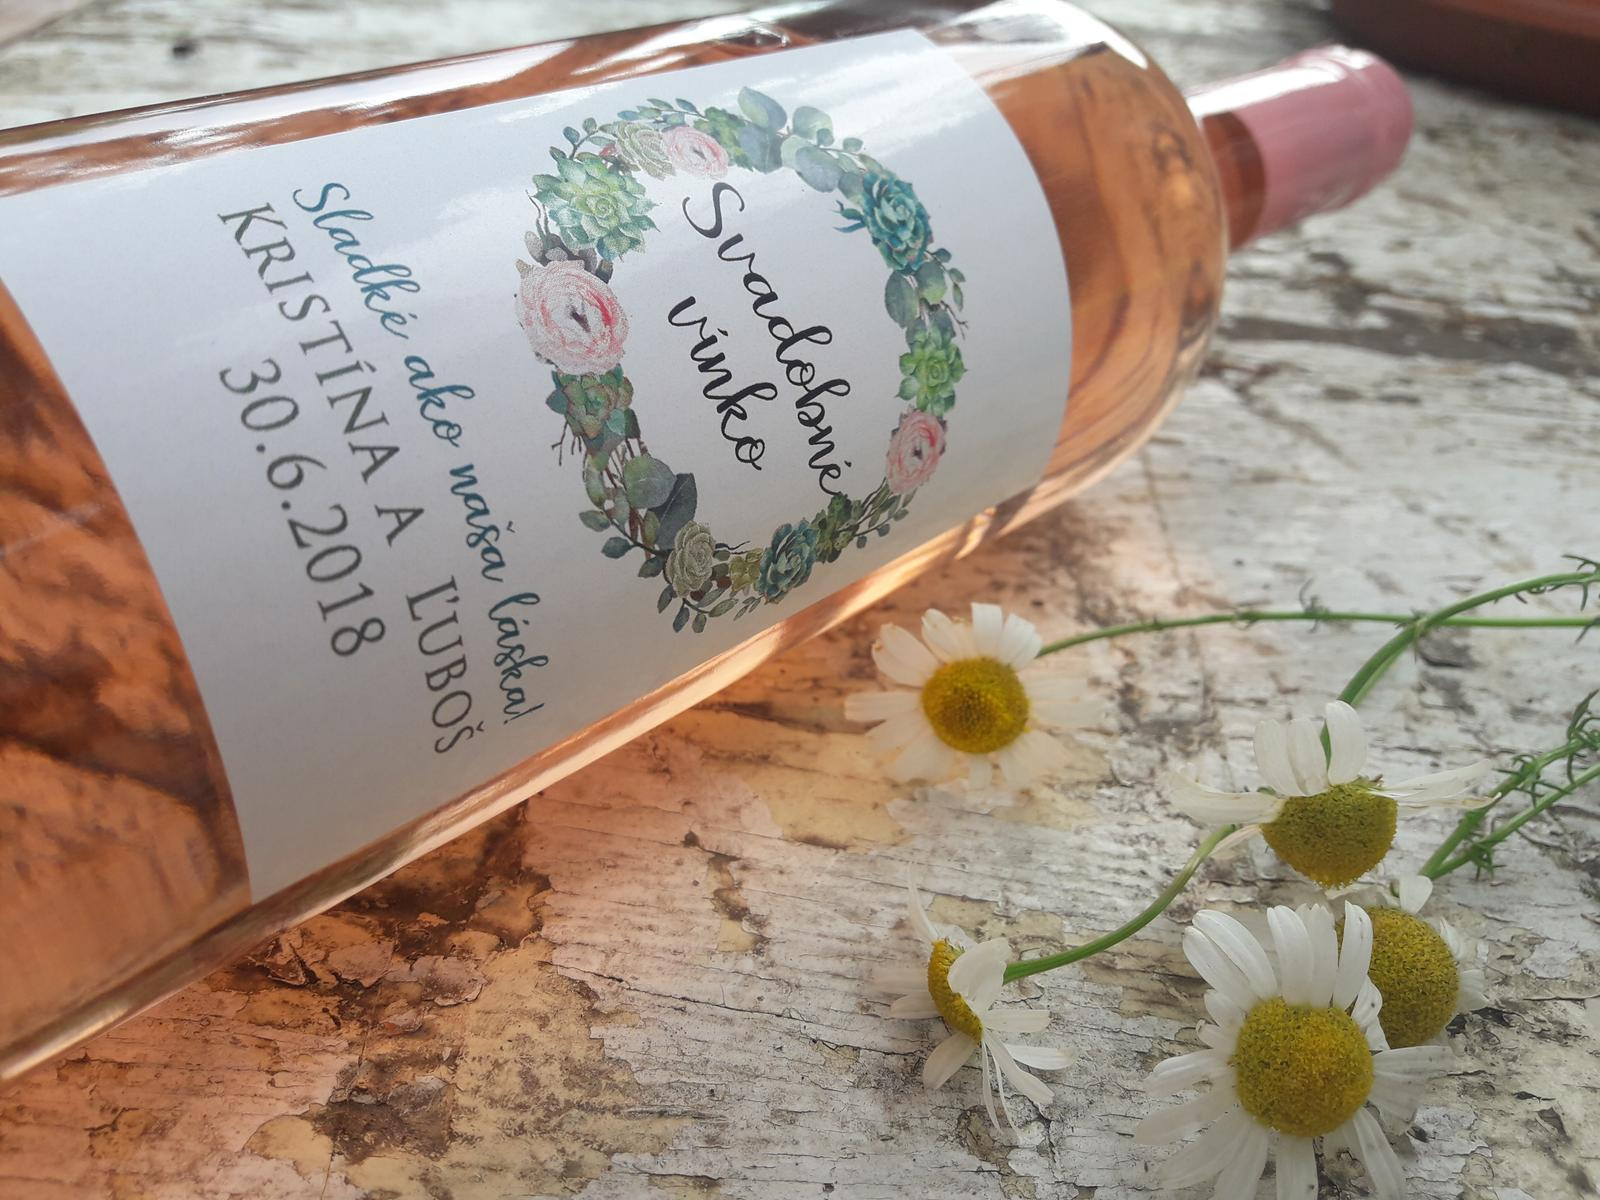 vinomaravilla - Svadobné vínko s minimalistickou etiketou. Dôležité bolo povedané :)